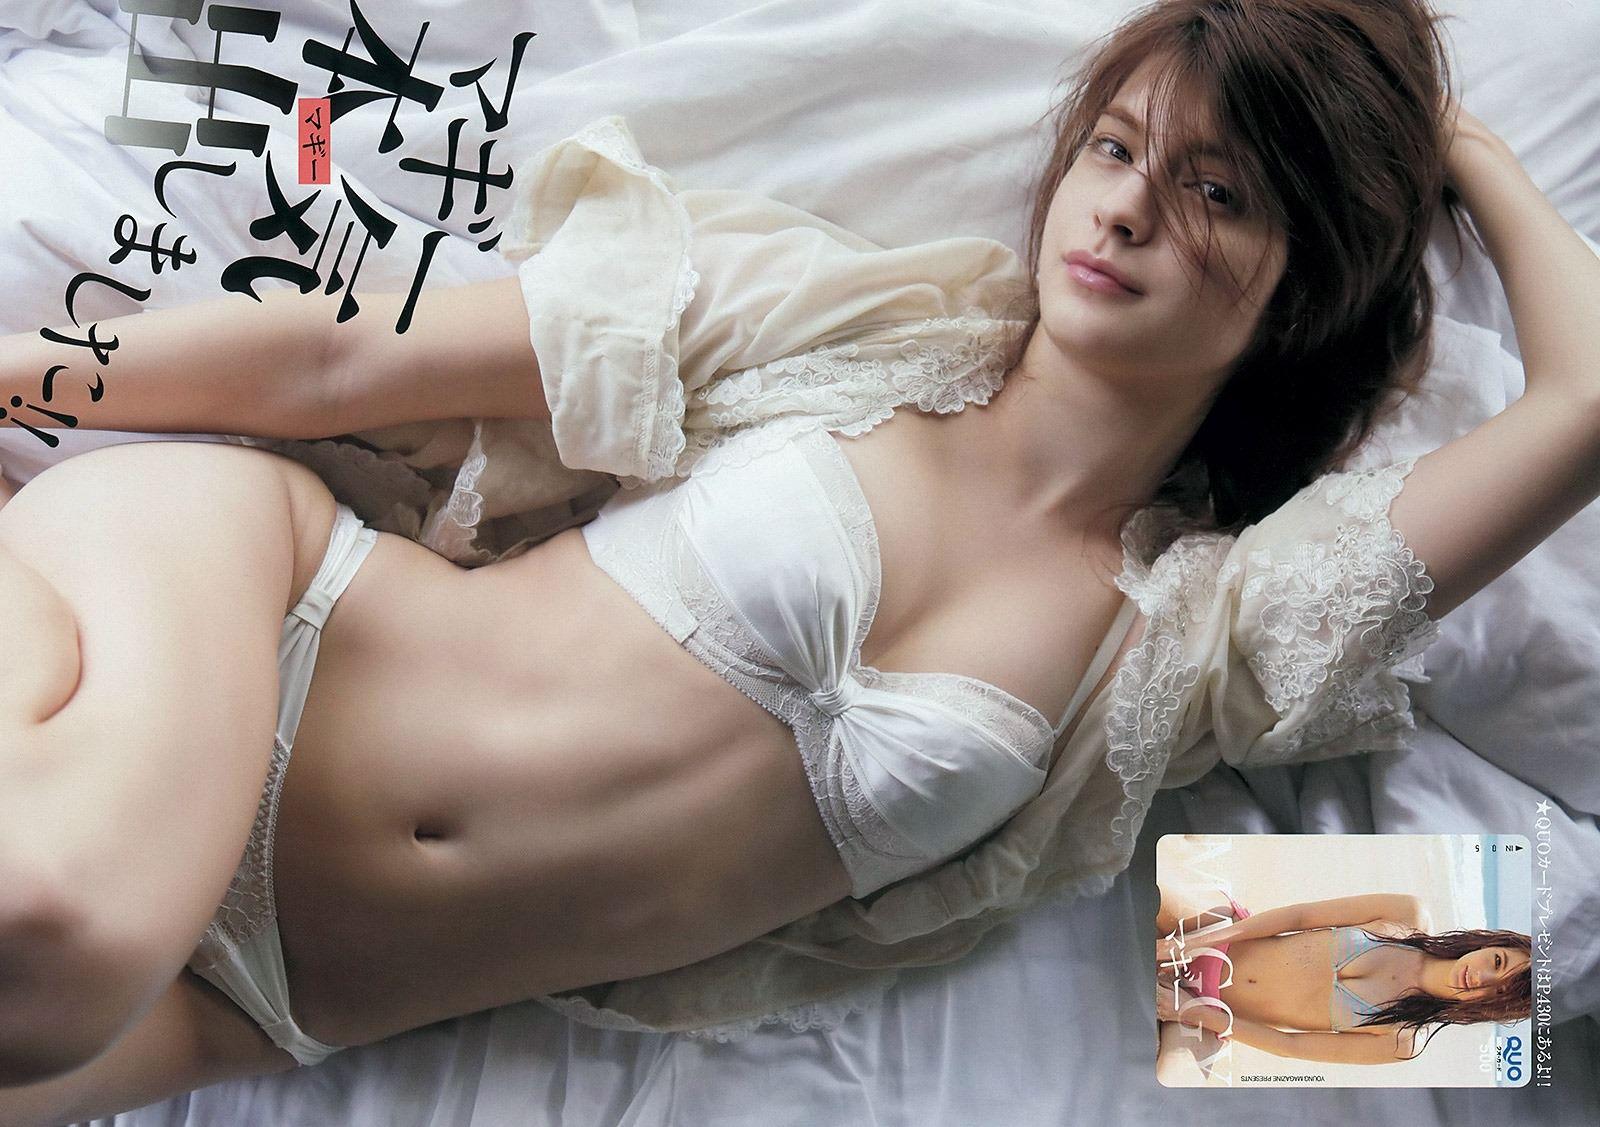 【美人モデル】超即ハボ!マギー(22)のオカズ用エロ画像×40